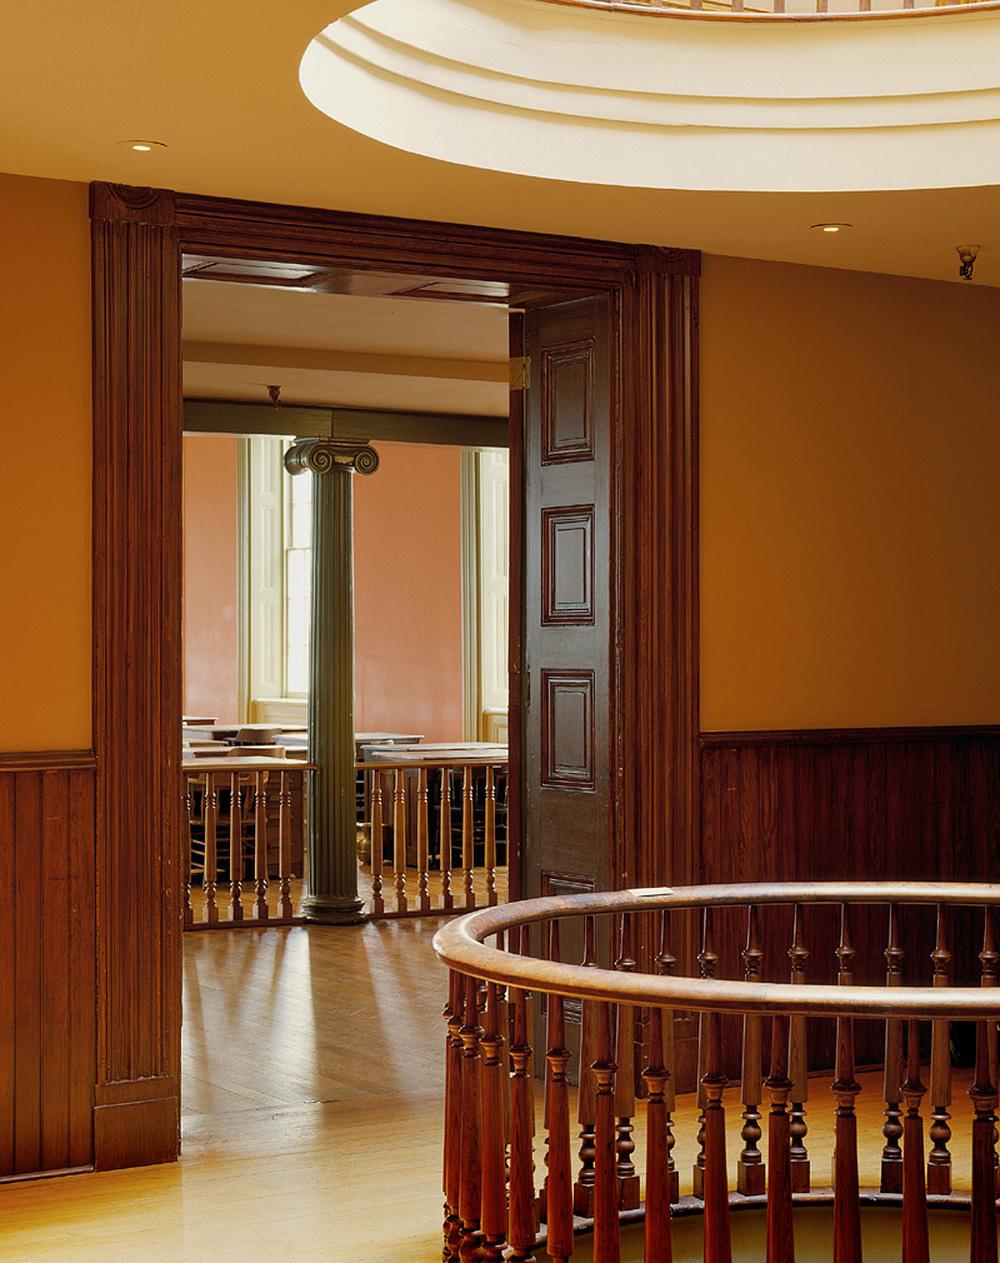 banister.jpg